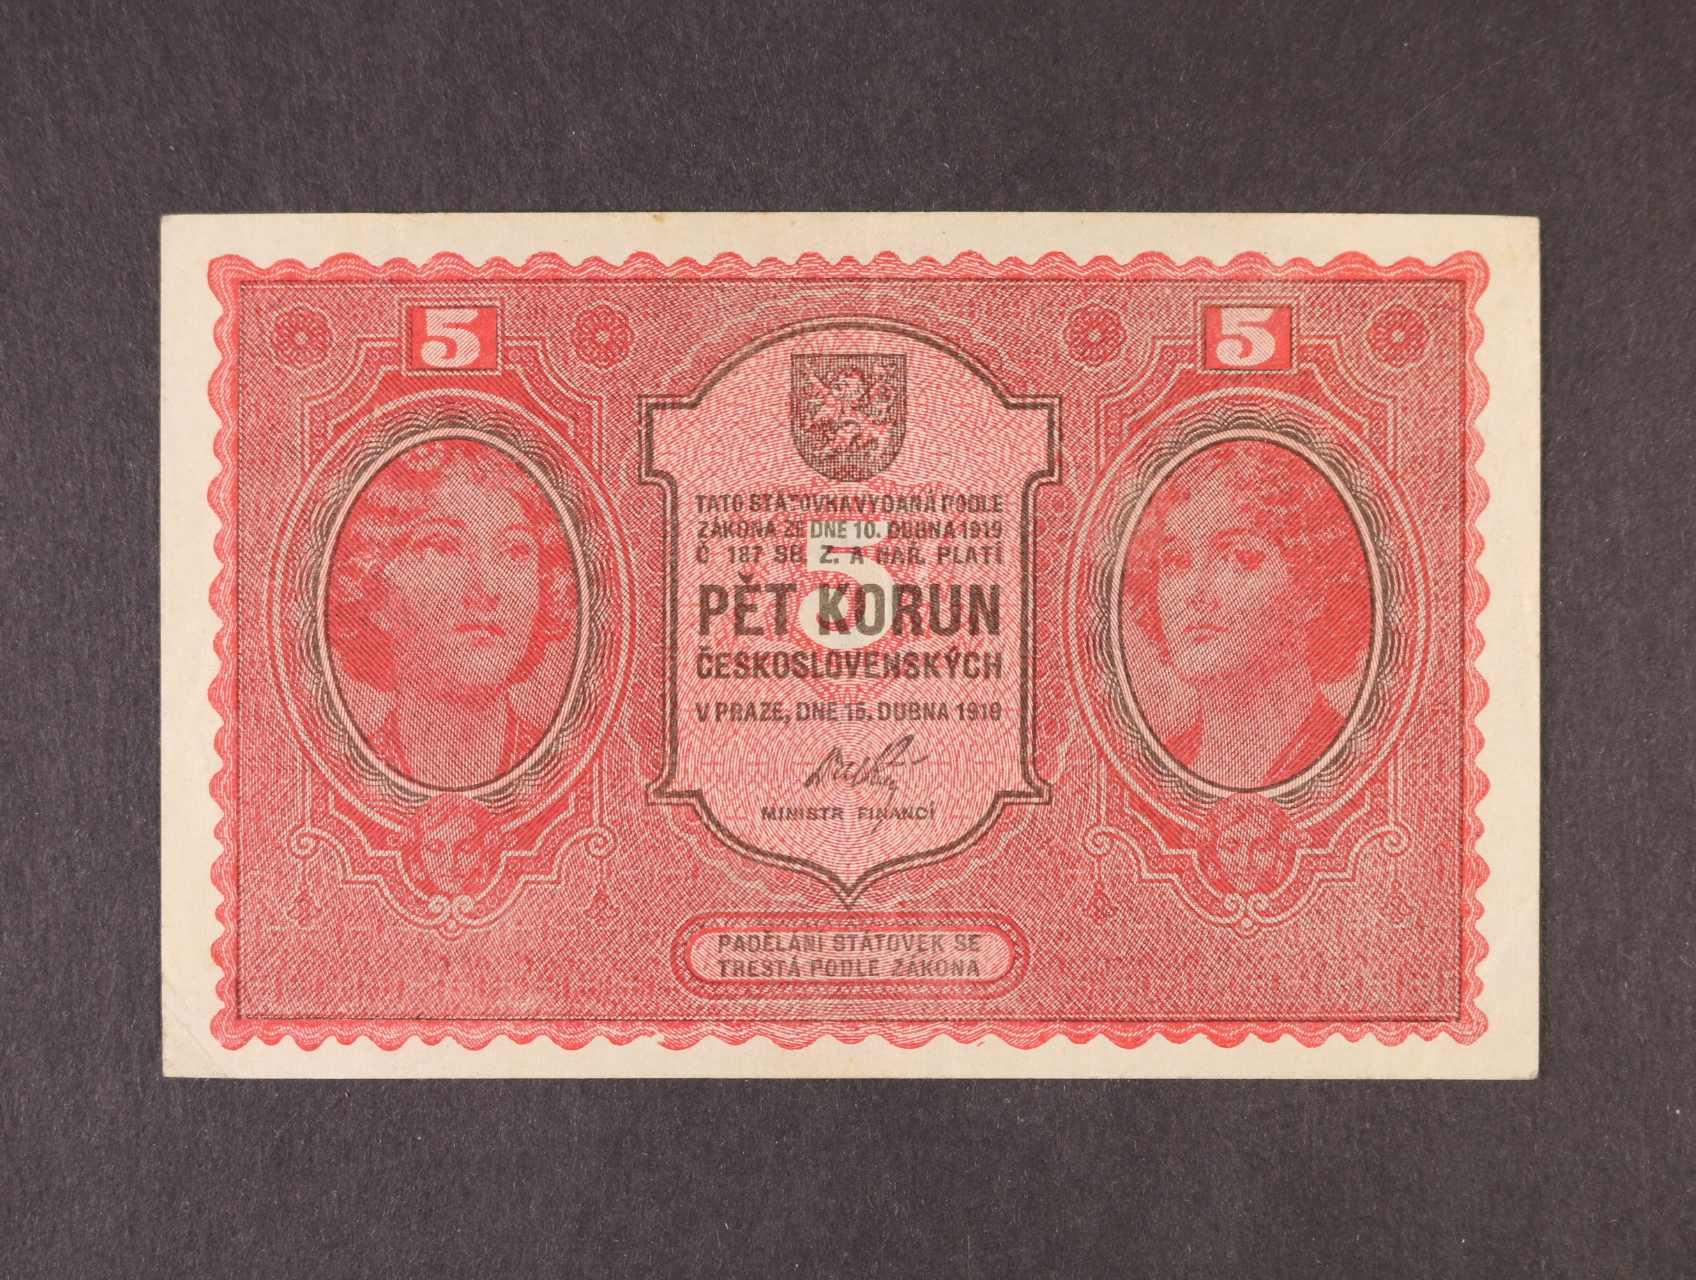 5 Kč 15.4.1919 série 0139, Ba. 8, Pi. 7a